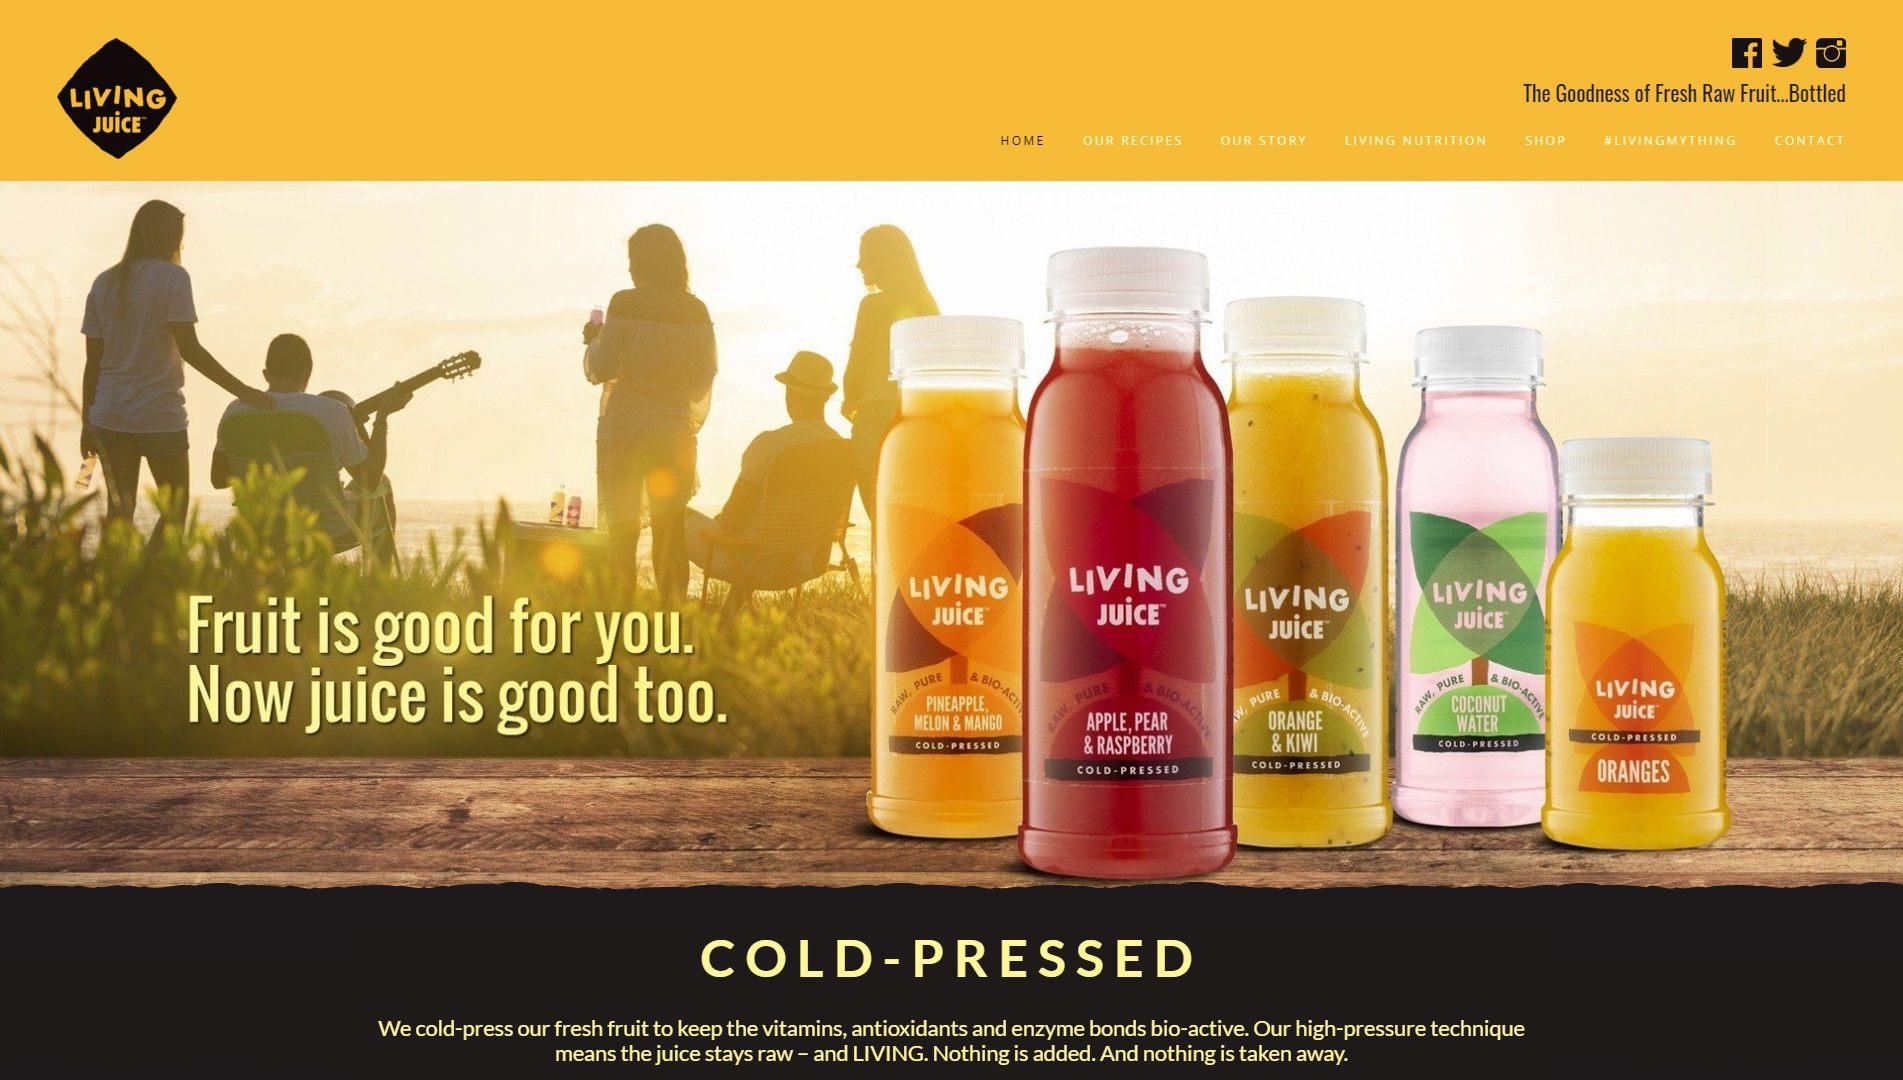 living juice.jpg